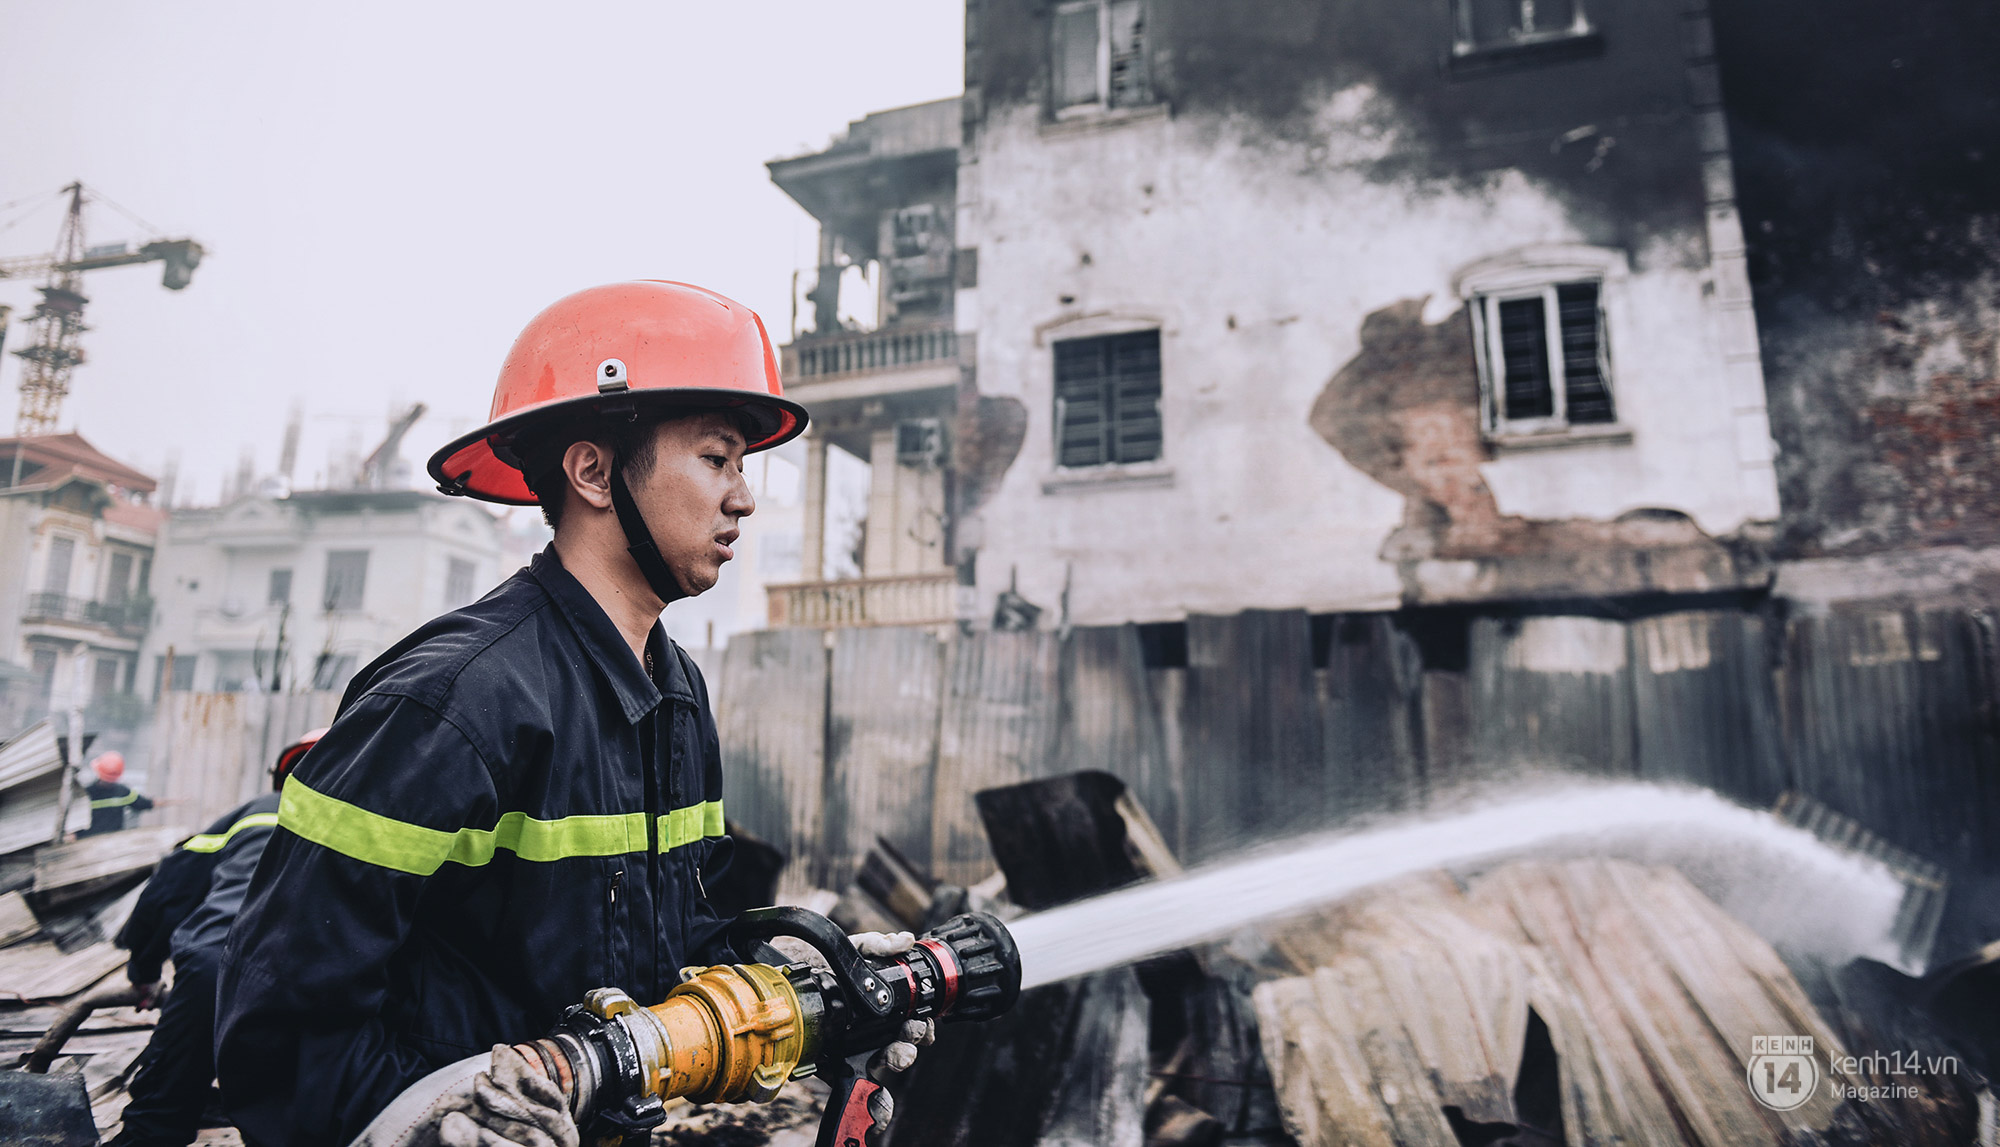 Chuyện về những người lính cứu hỏa không sợ chết, chỉ sợ không cứu được người - Ảnh 5.